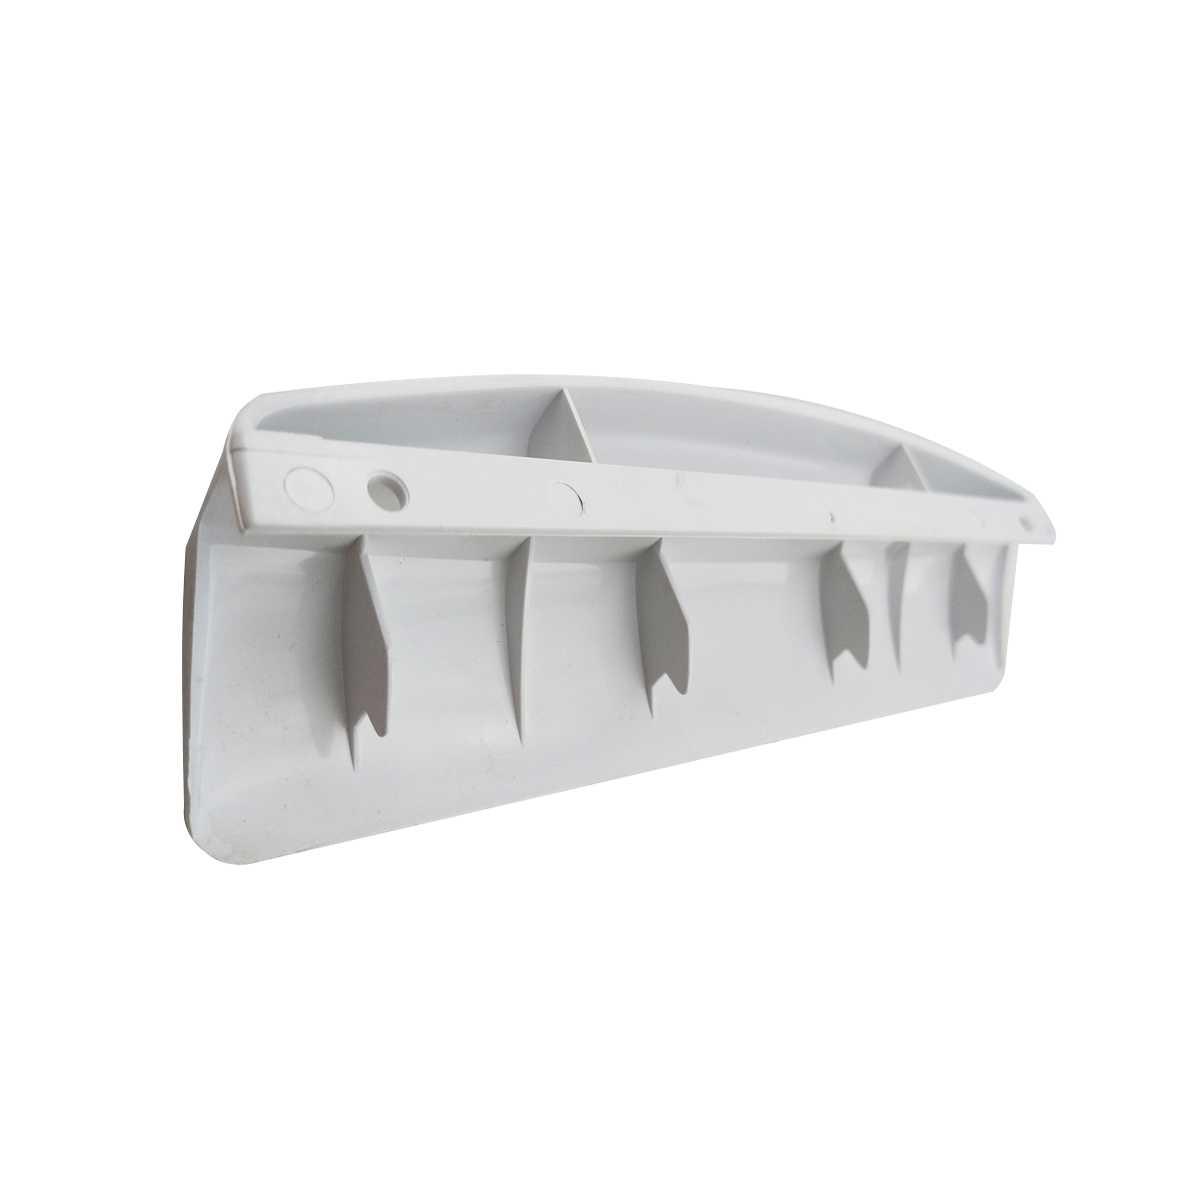 Puxador compatível freezer horizontal Consul